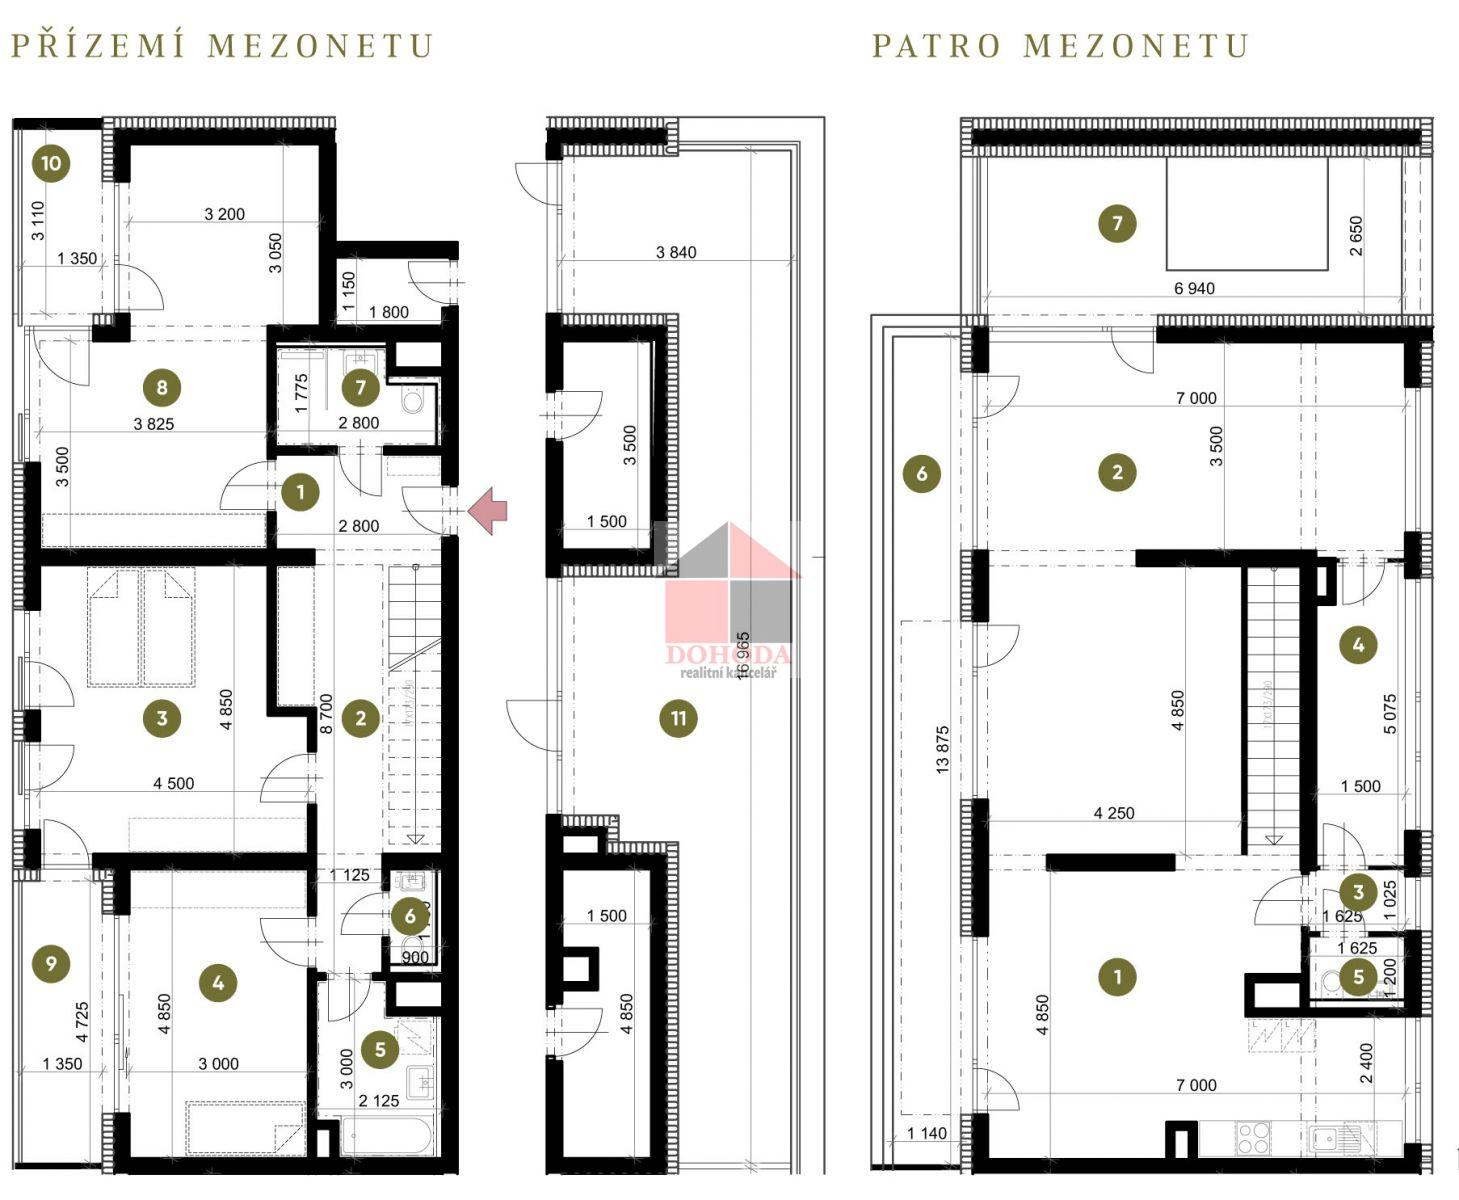 Prodej nového mezonetového bytu 4+kk Zlín Sadová